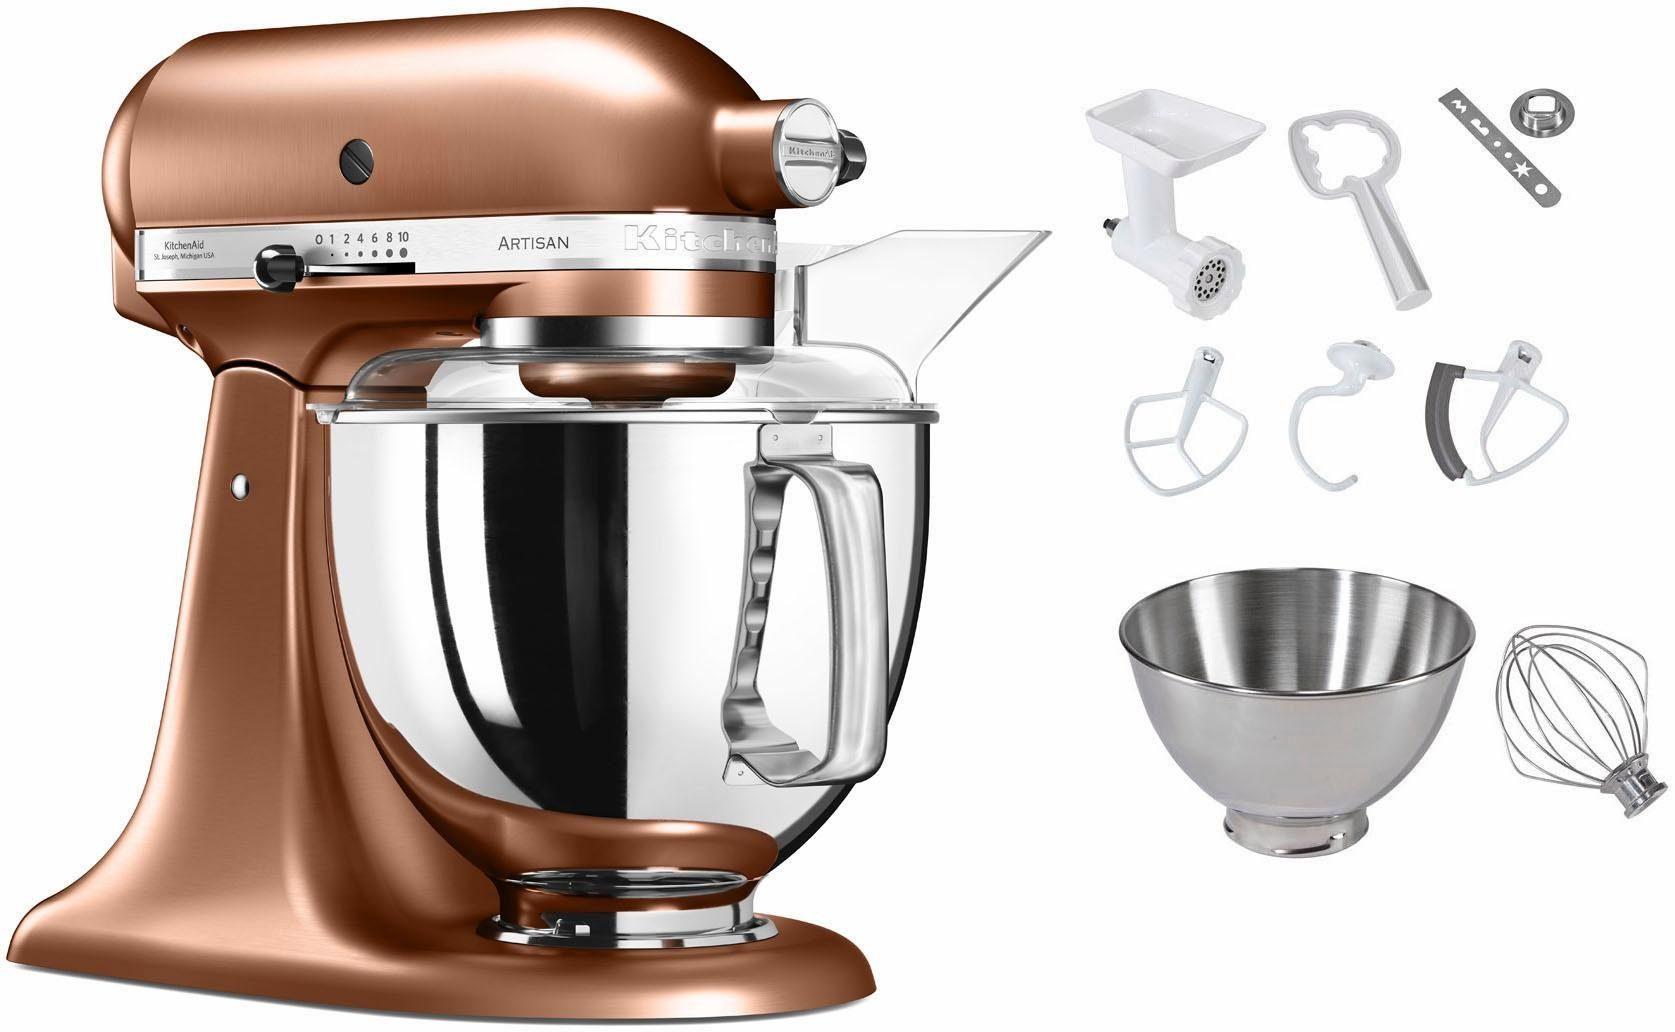 KitchenAid® Küchenmaschine 5KSM175PSECP Artisan, inkl Sonderzubehör im Wert von ca. 214,- €